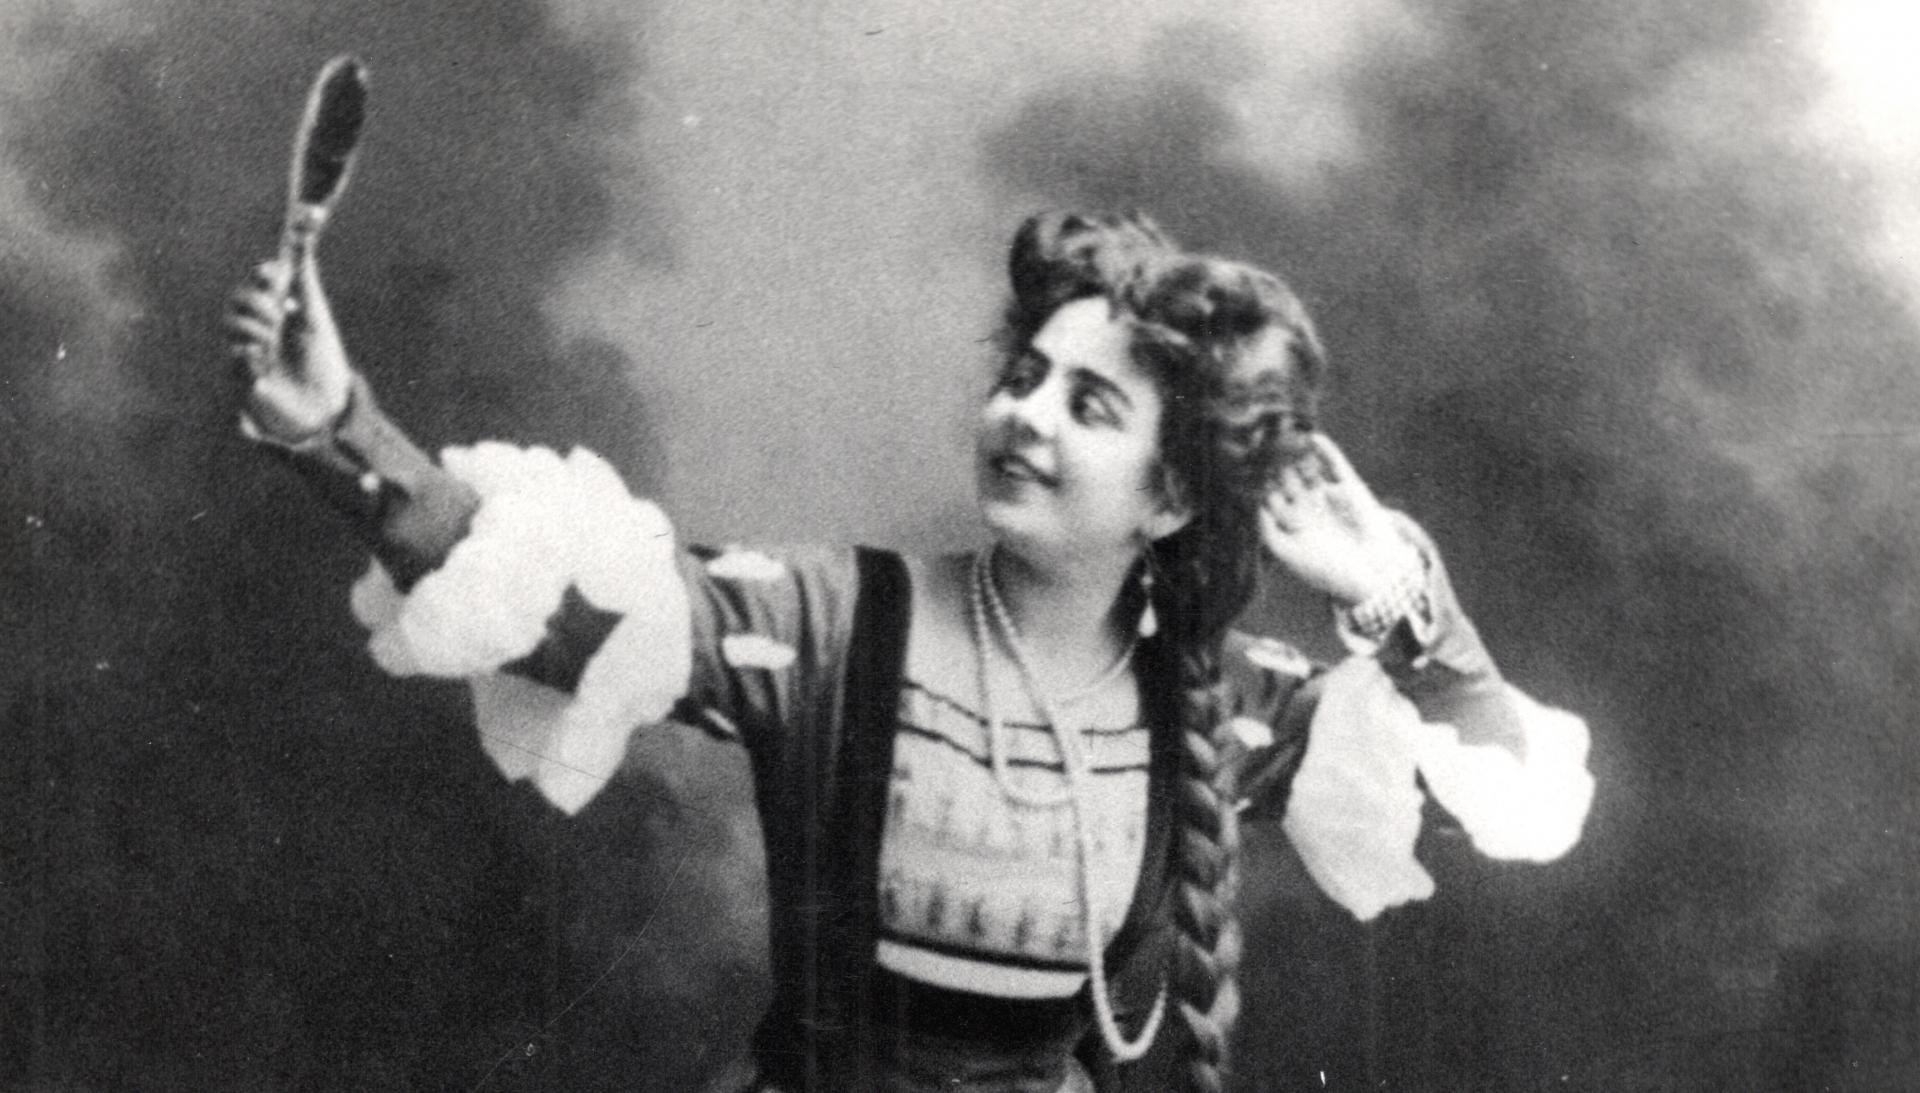 kobieta z długim warkoczem przegląda się w trzymanym w ręku lusterku